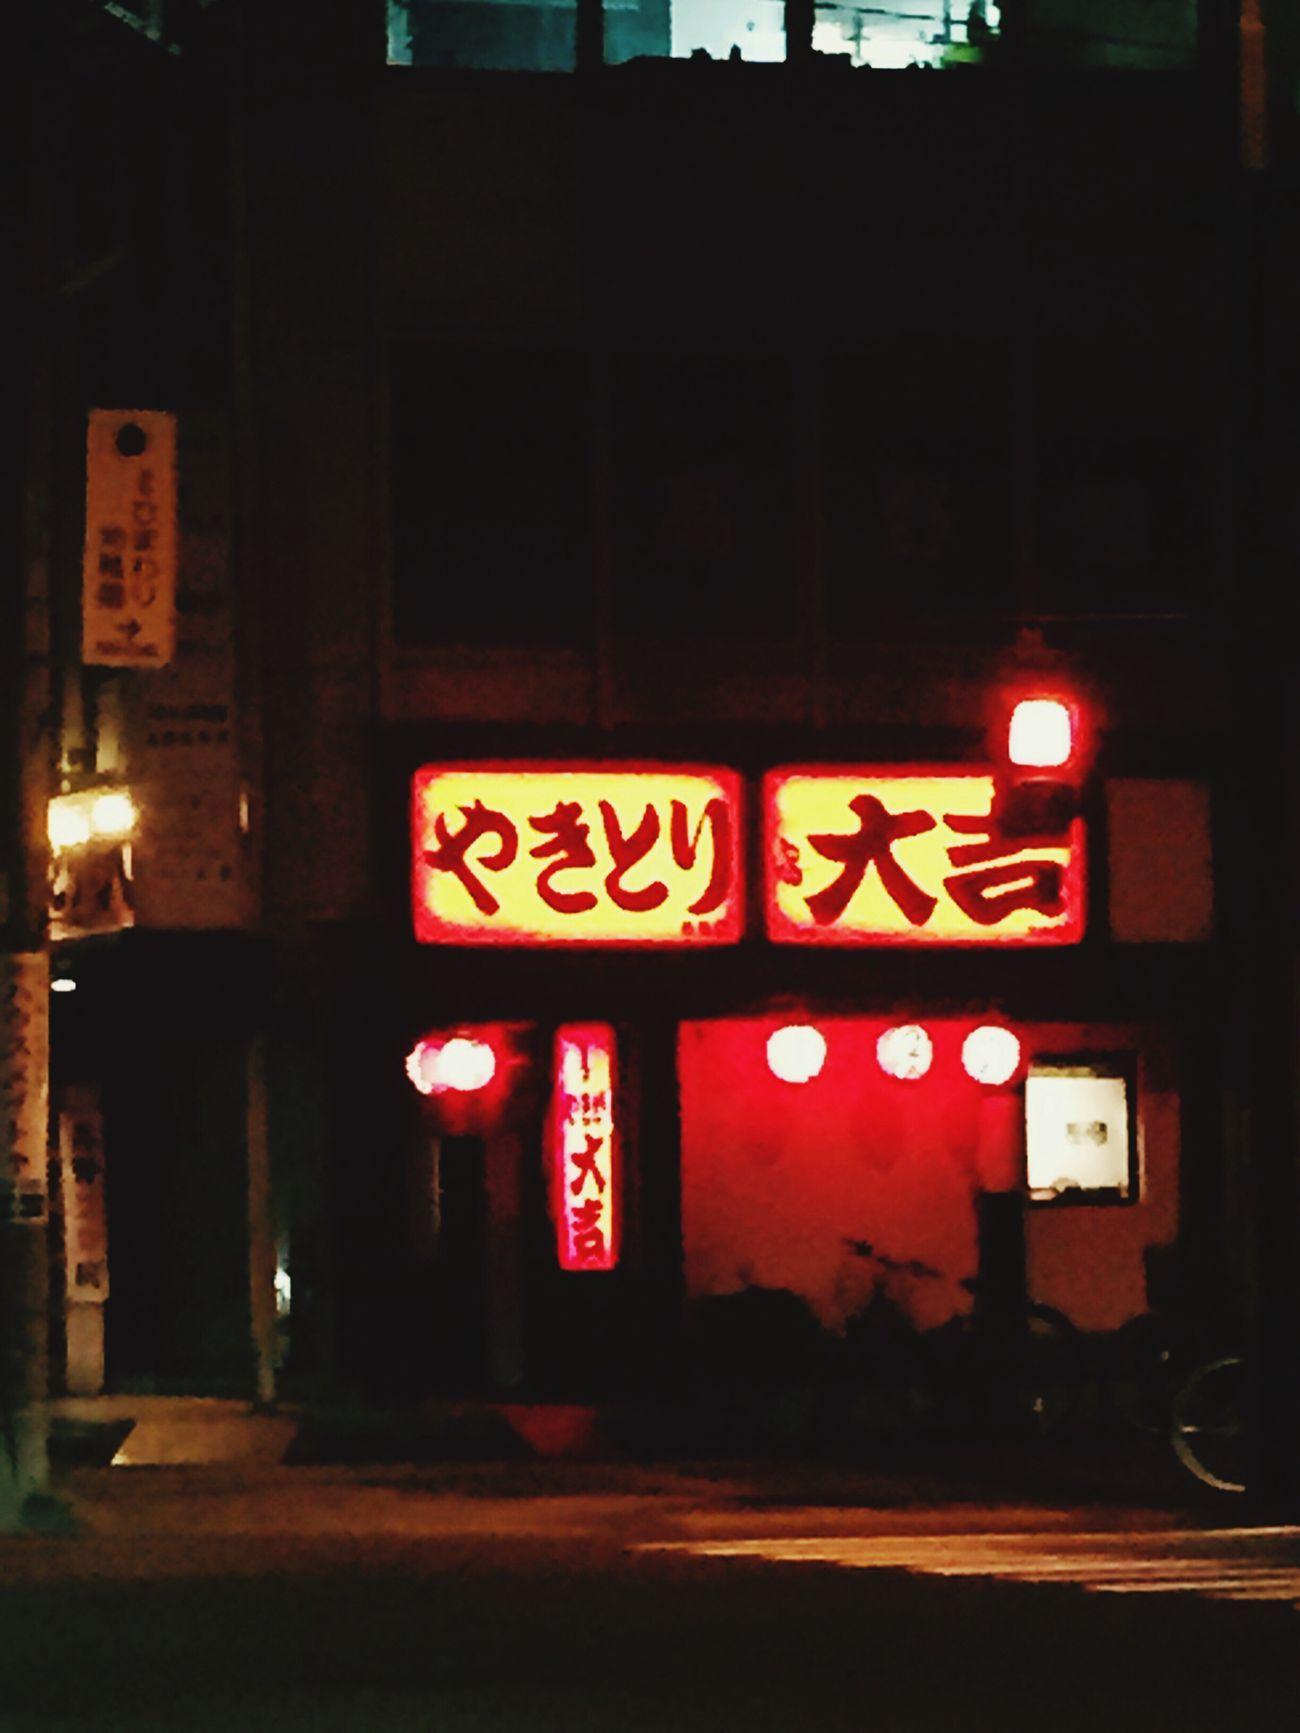 赤提灯と赤信号 行きつけ やきとり 大吉 騒がしく落ち着く場所 近場 そろそろ行きたい ... Illuminated Night Communication Text No People Neon Outdoors